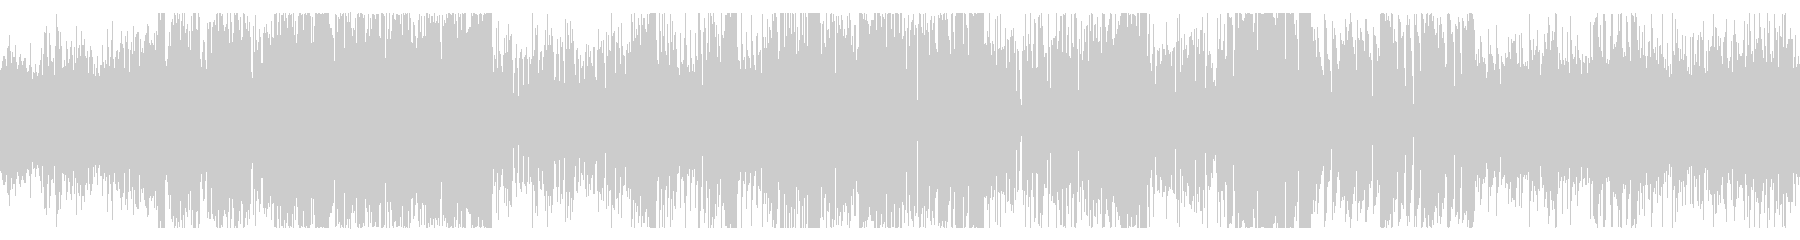 サイバーパンクな屋内にて ループBGMの未再生の波形